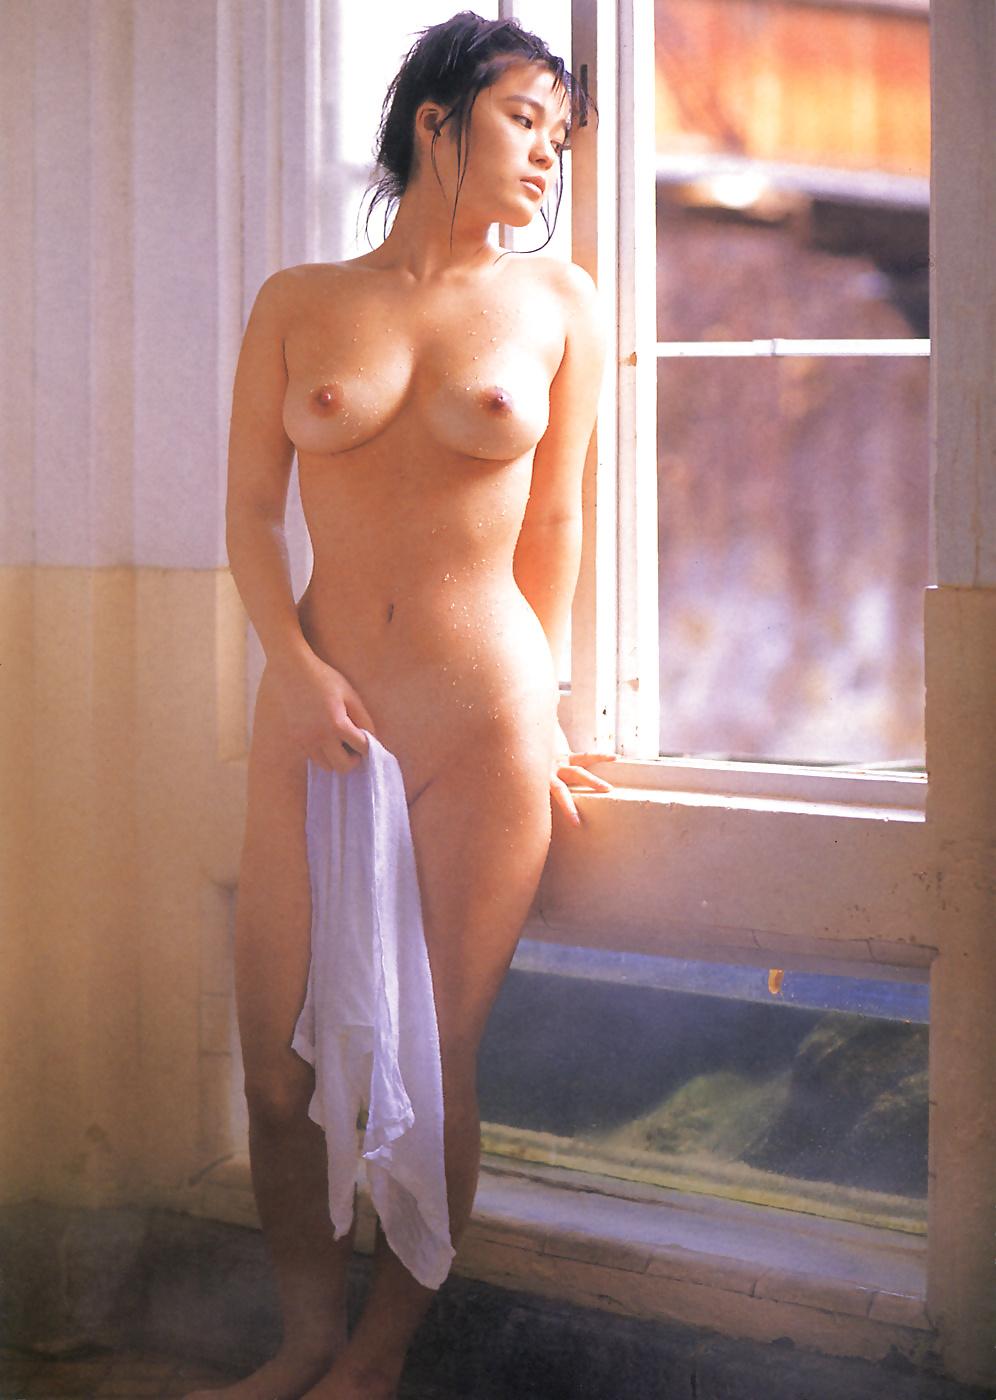 Обнаженное фото дарьи волга, соблазн в чулках секс видео губы накрашенные